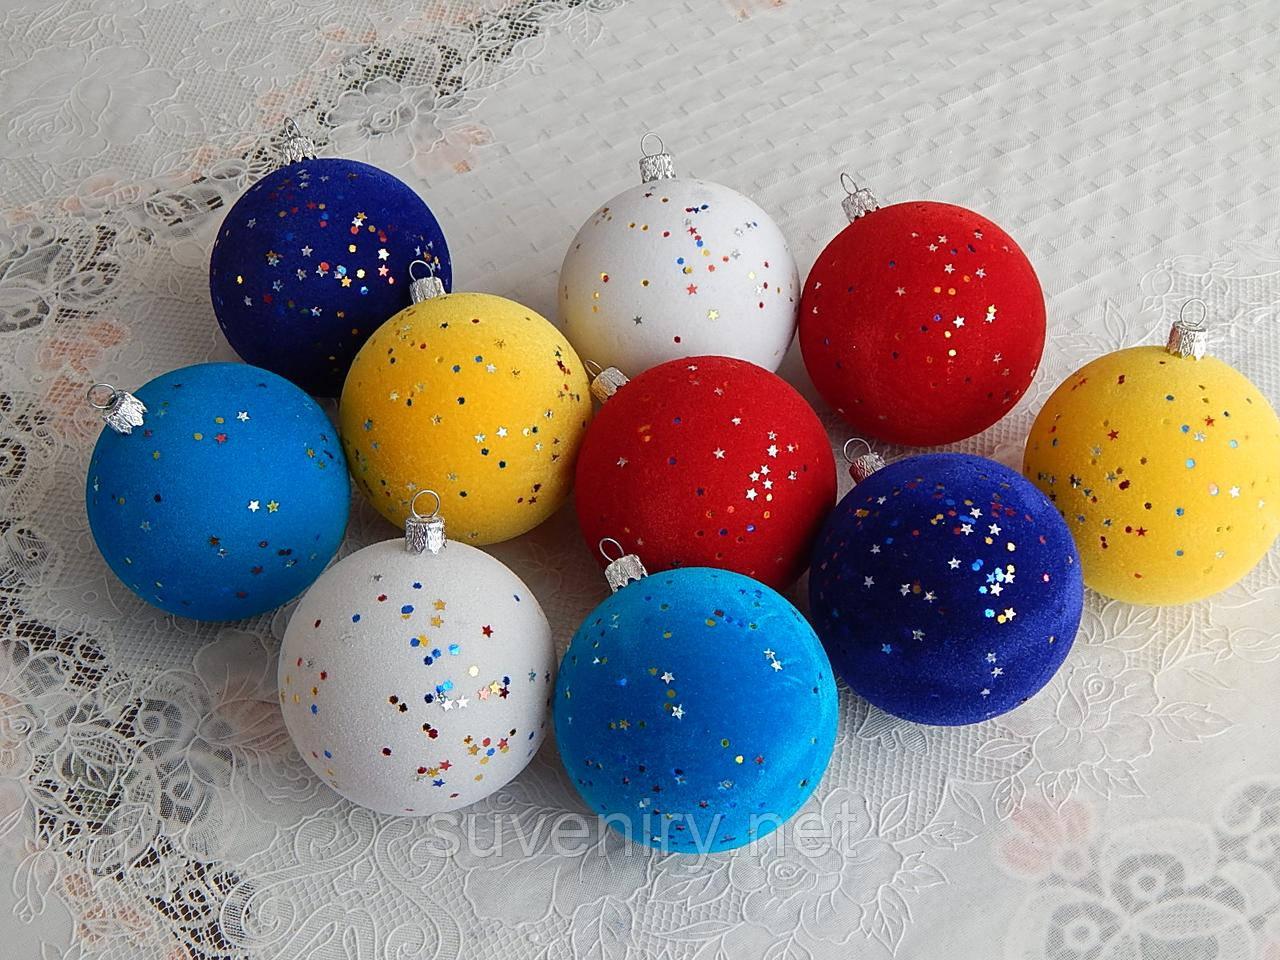 Красиві новорічні кулі на ялинку покриті оксамитом 8см